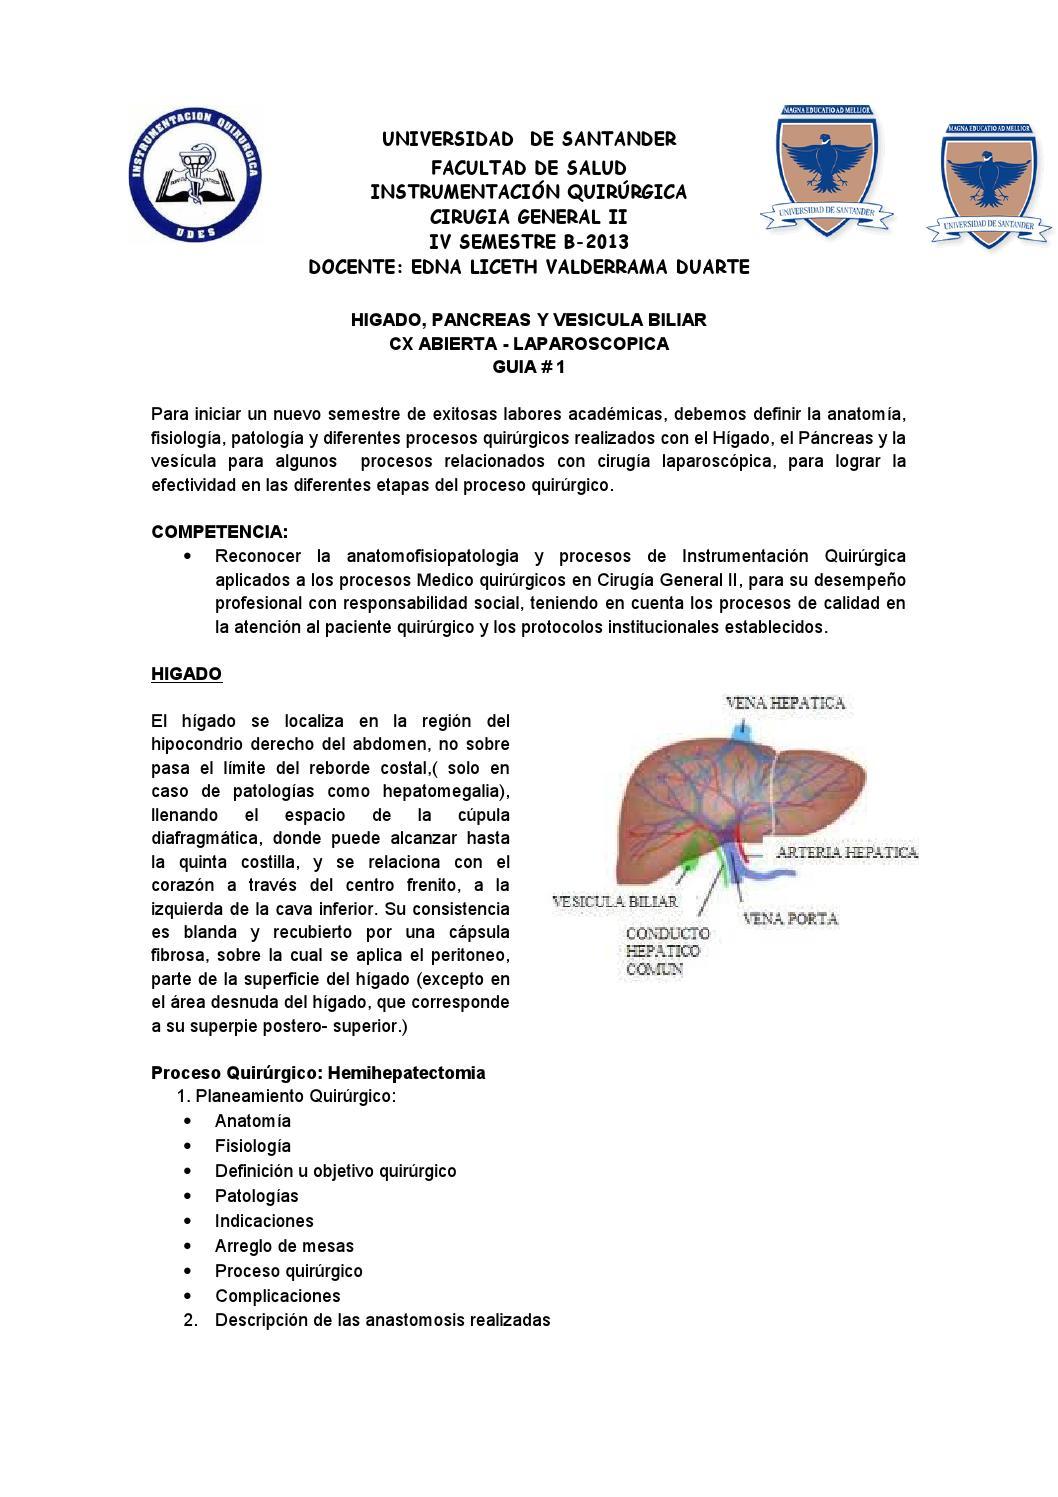 Guia 1: Hígado, Páncreas y Vesícula by Liceth - issuu